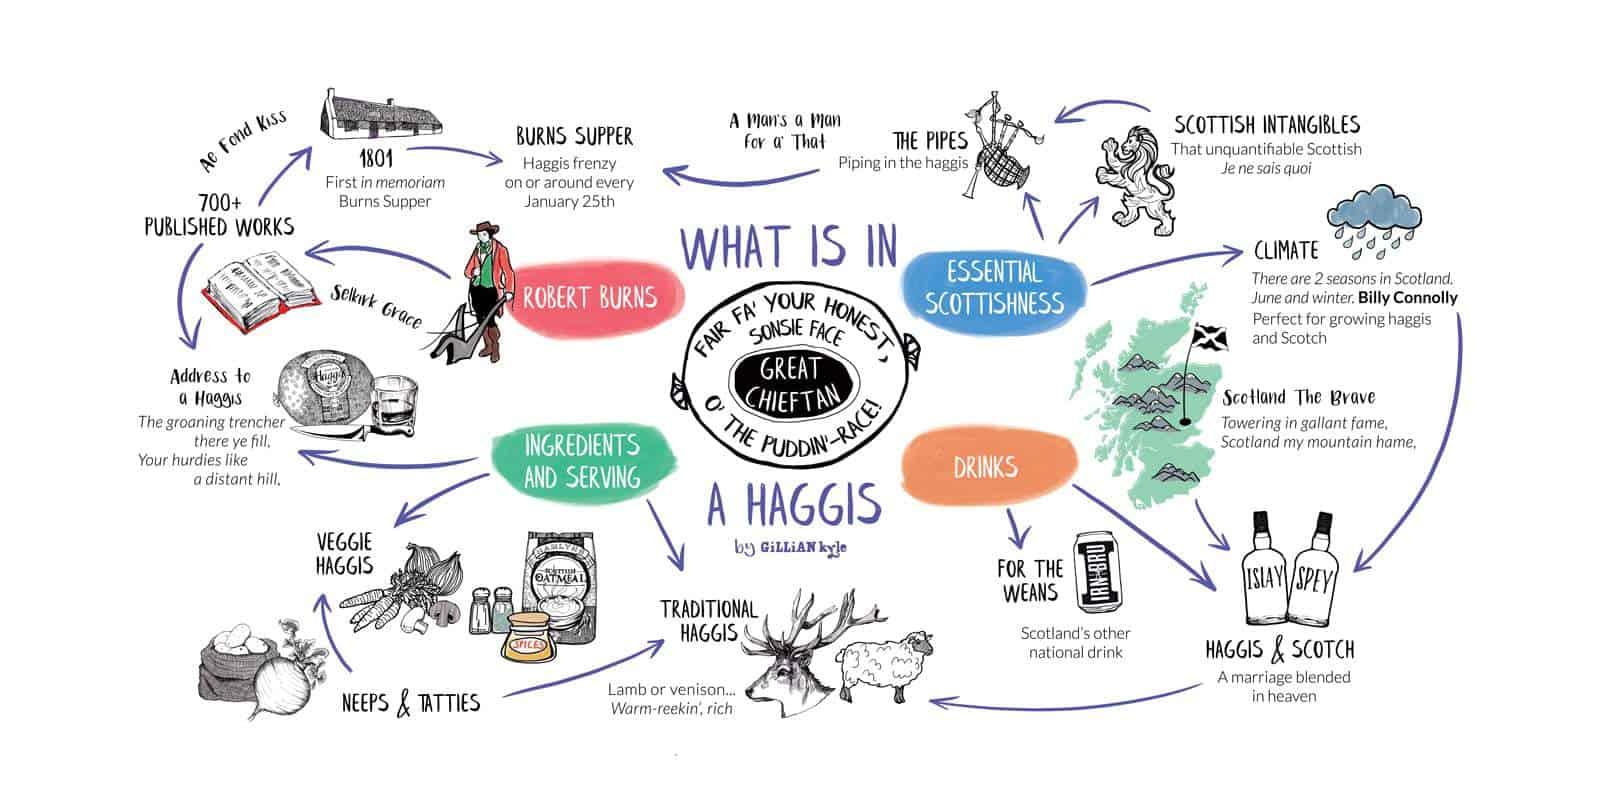 haggis ingredients by Gillian Kyle